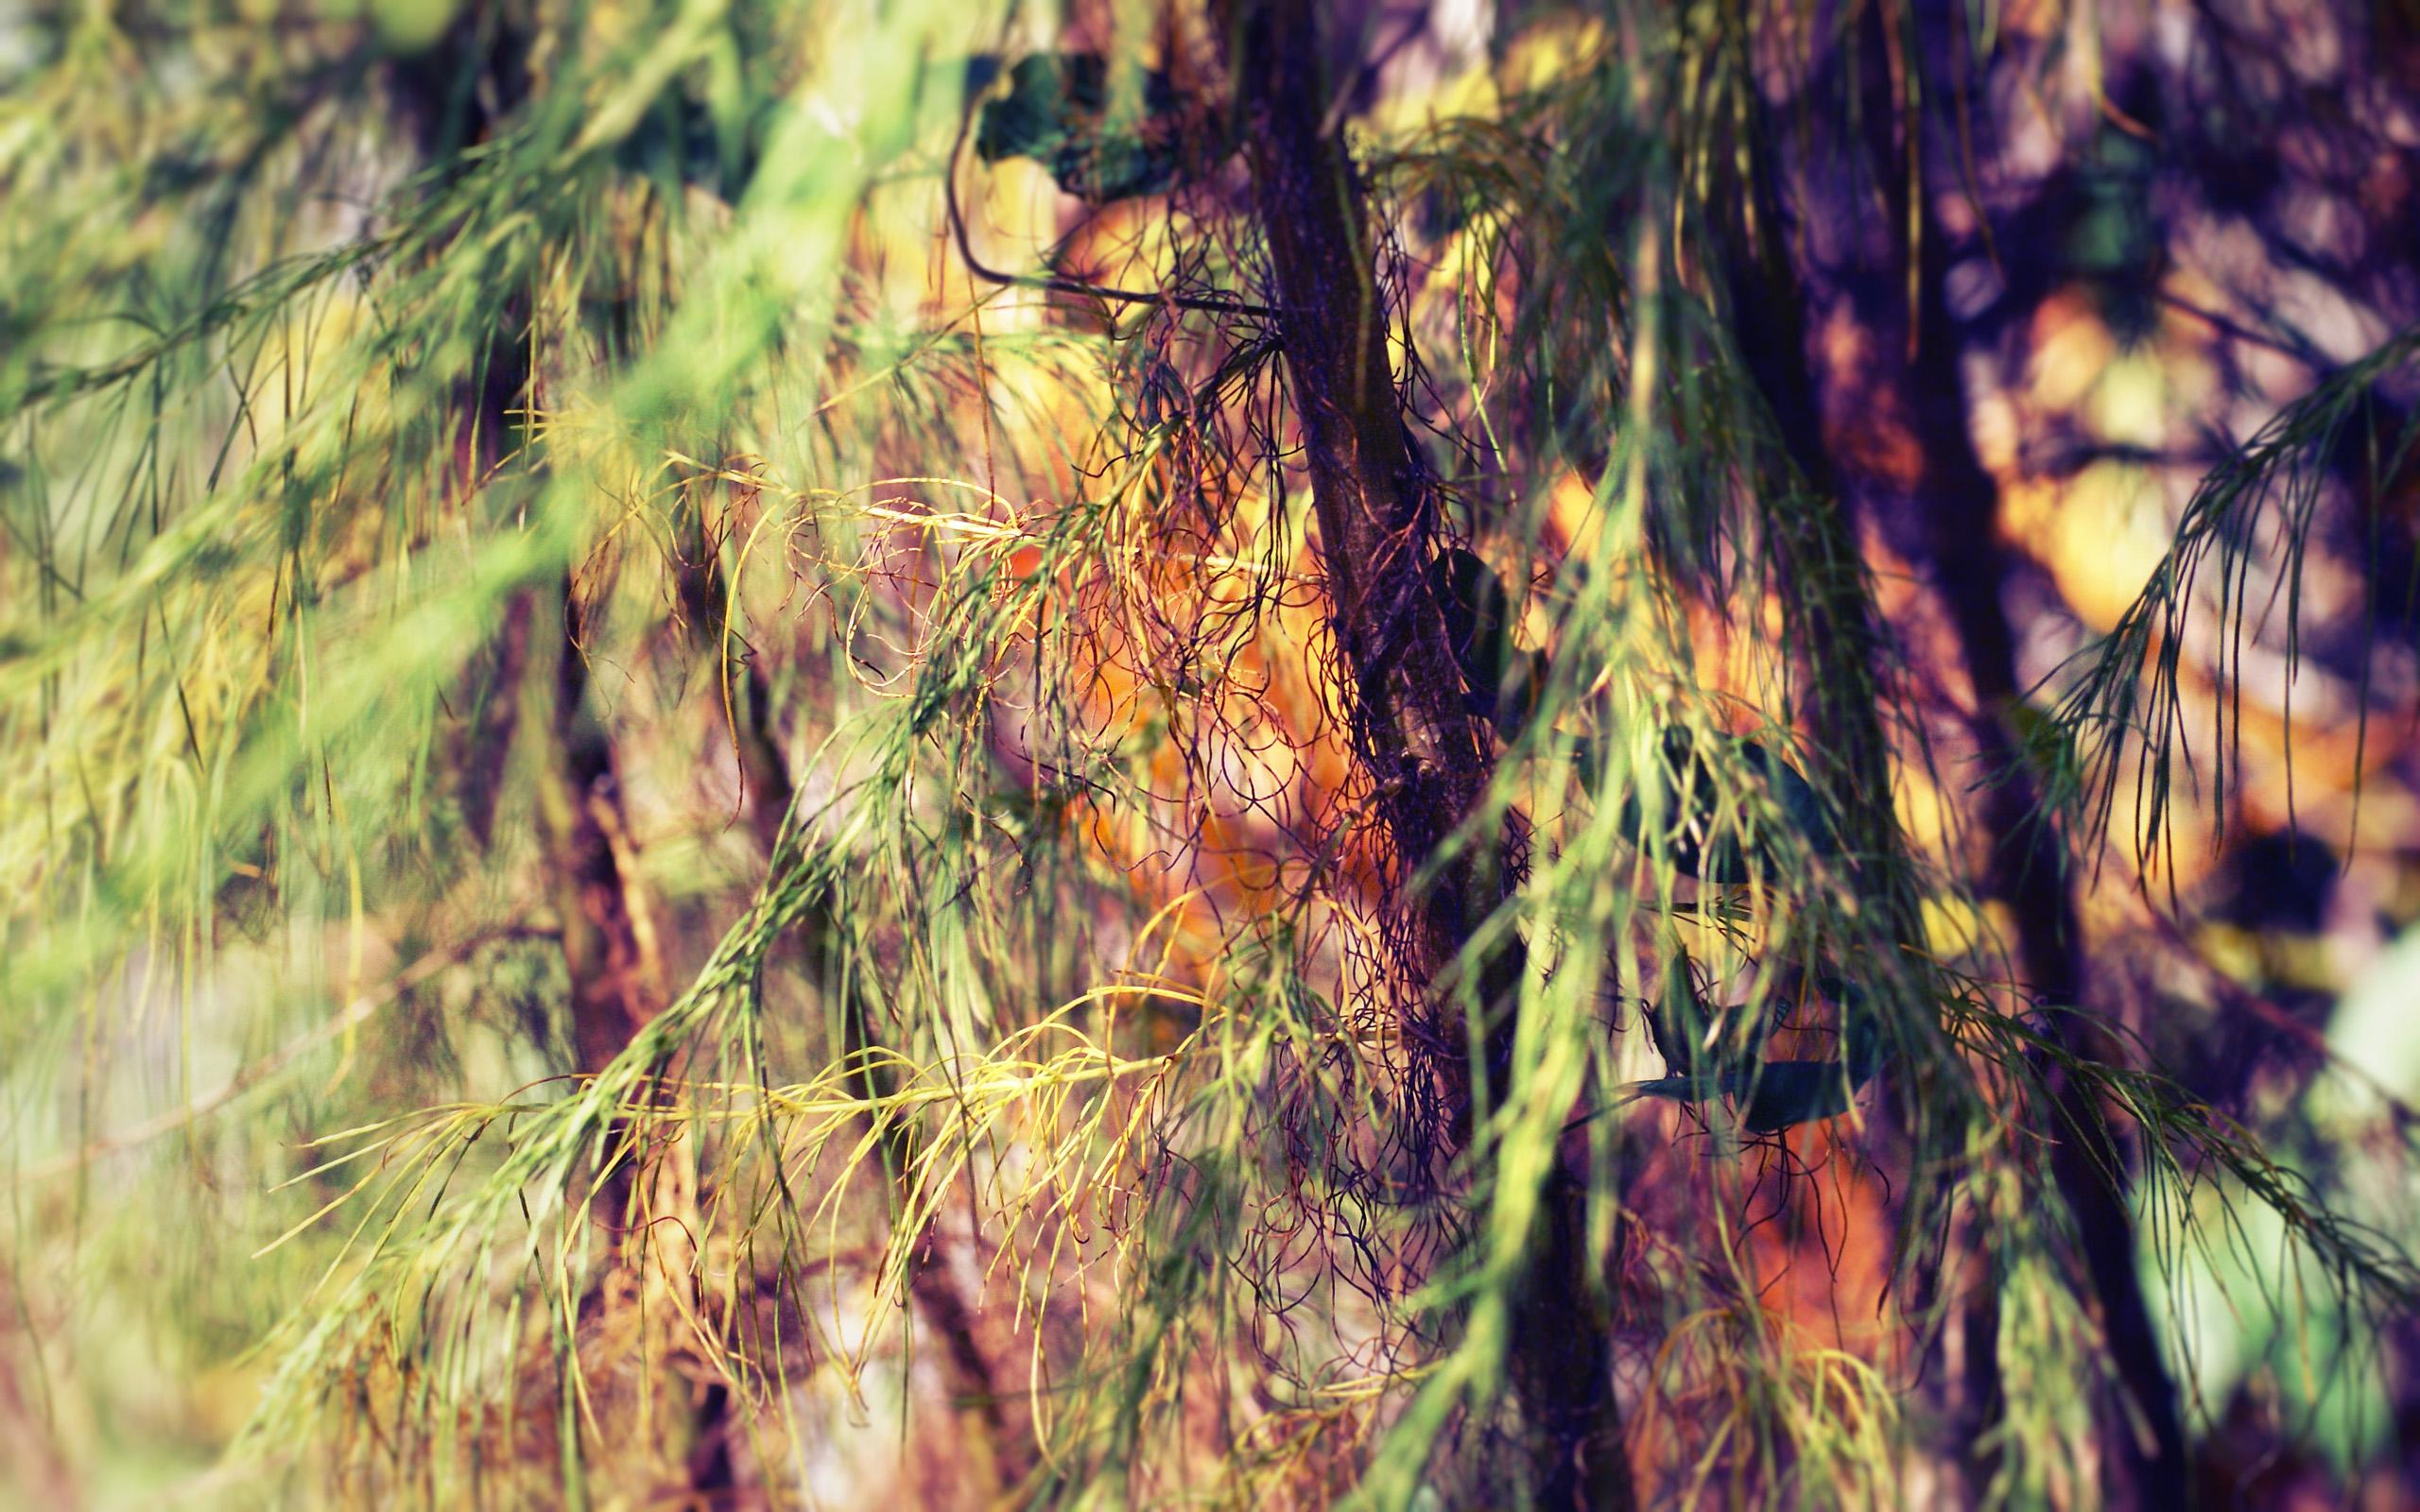 деревья природа ветка trees nature branch  № 439582 бесплатно